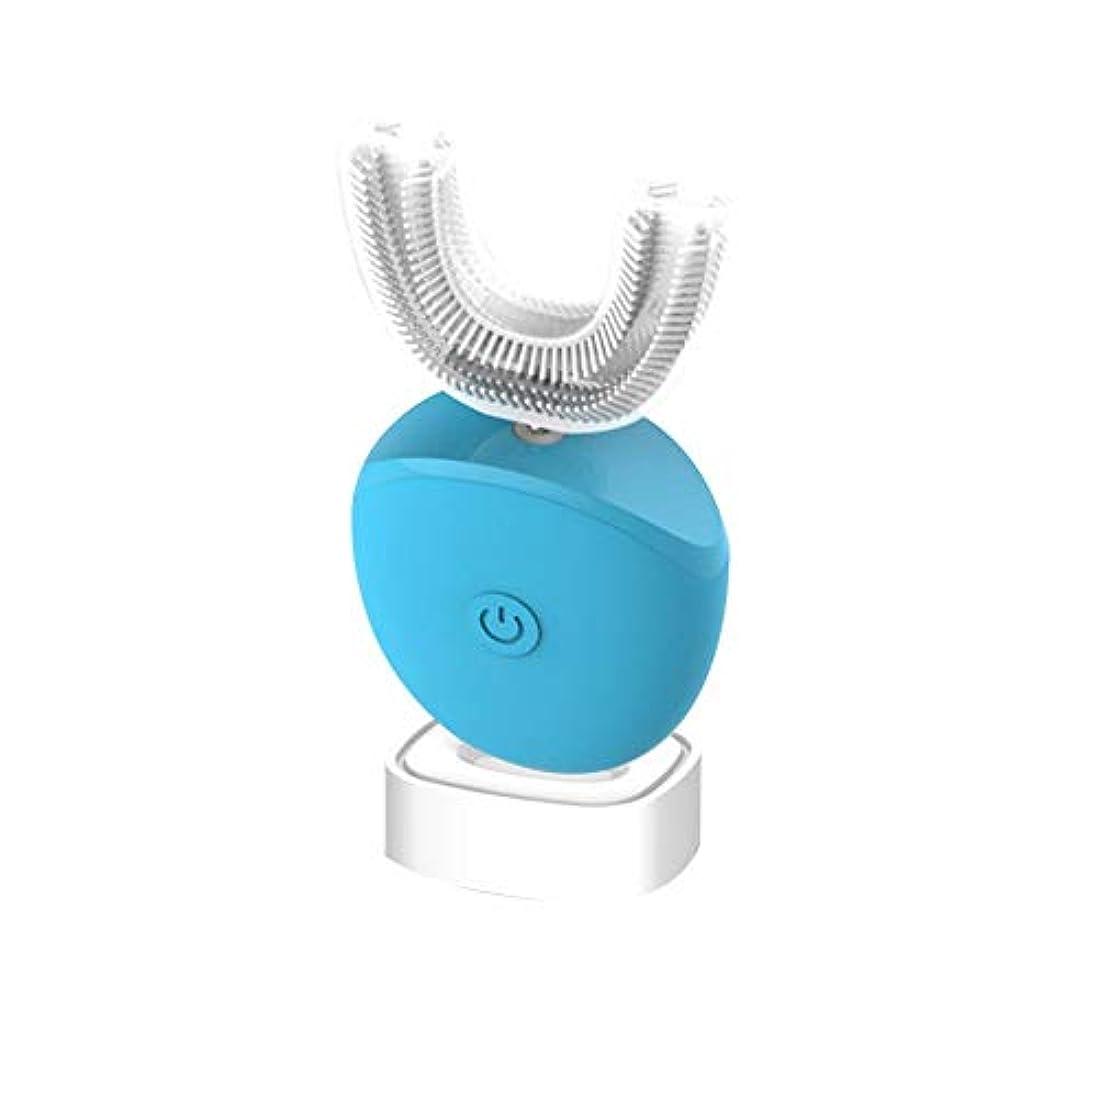 どれ印象派欲しいですフルオートマチック可変周波数電動歯ブラシ、自動360度U字型電動歯ブラシ、ワイヤレス充電IPX7防水自動歯ブラシ(大人用),Blue